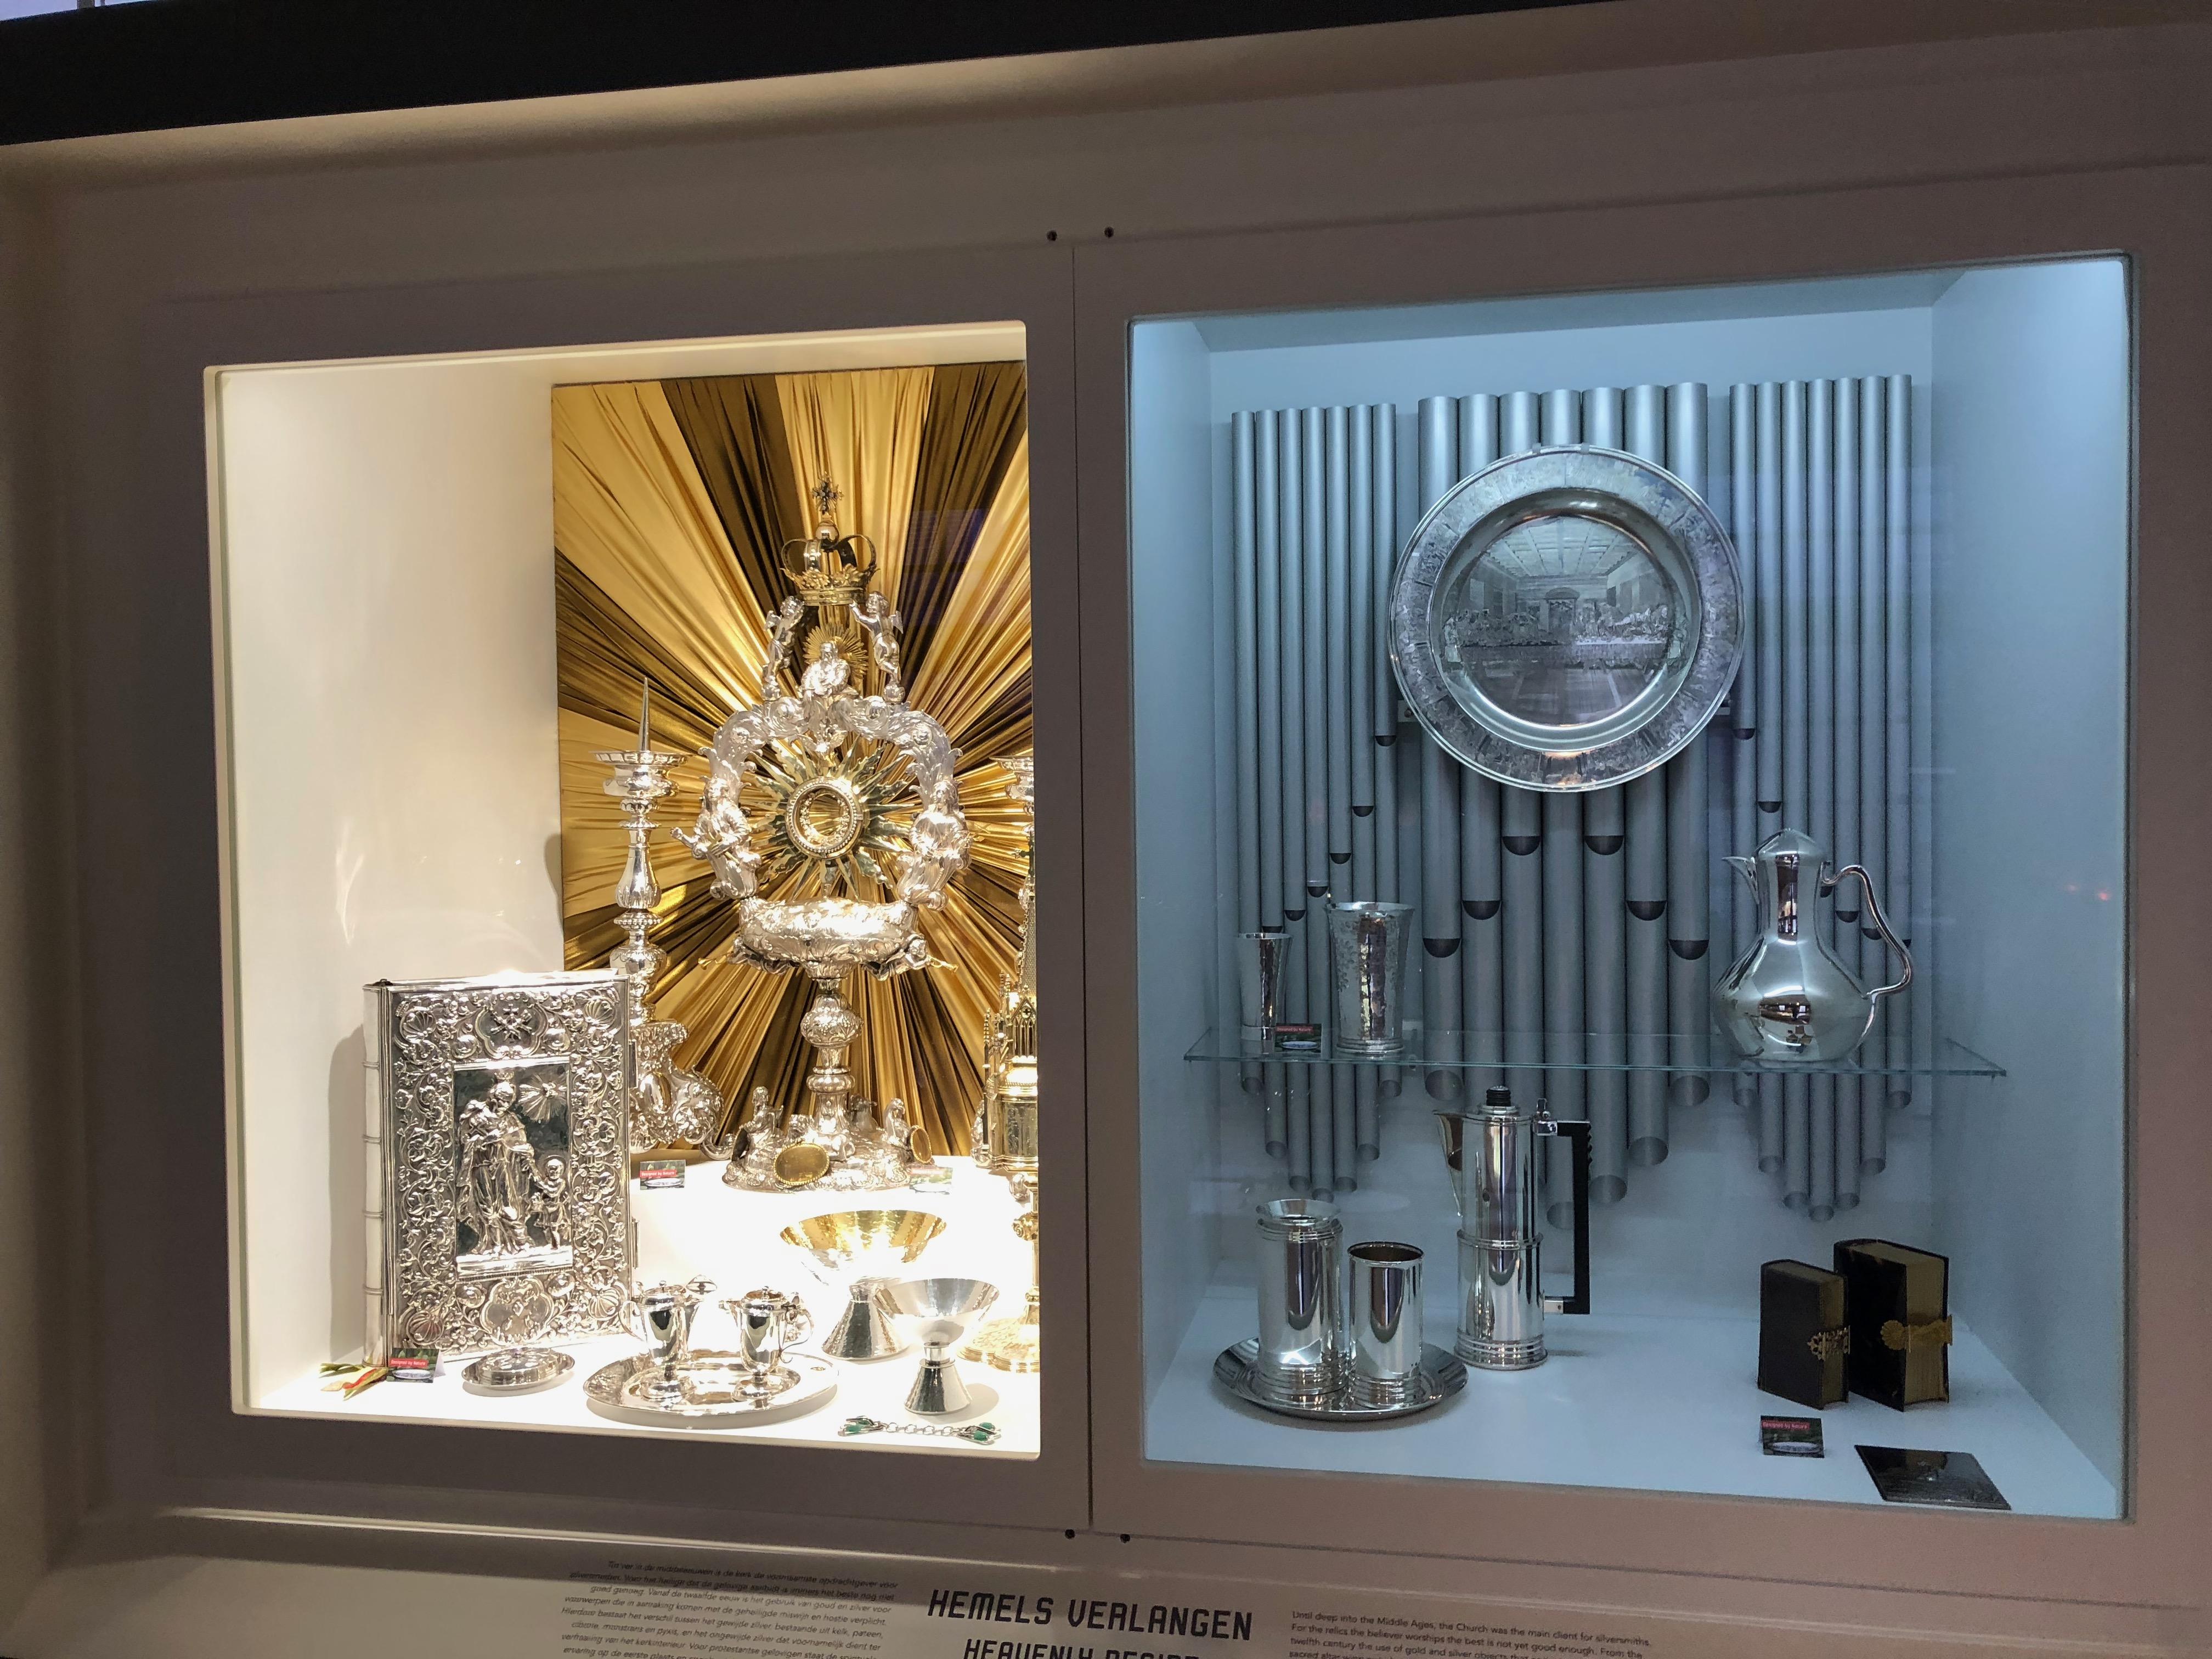 Zilvermuseum Schoonhoven, vaste opstelling, 2019. Foto Hanno Lans, vitrine, vaatwerk, boekband